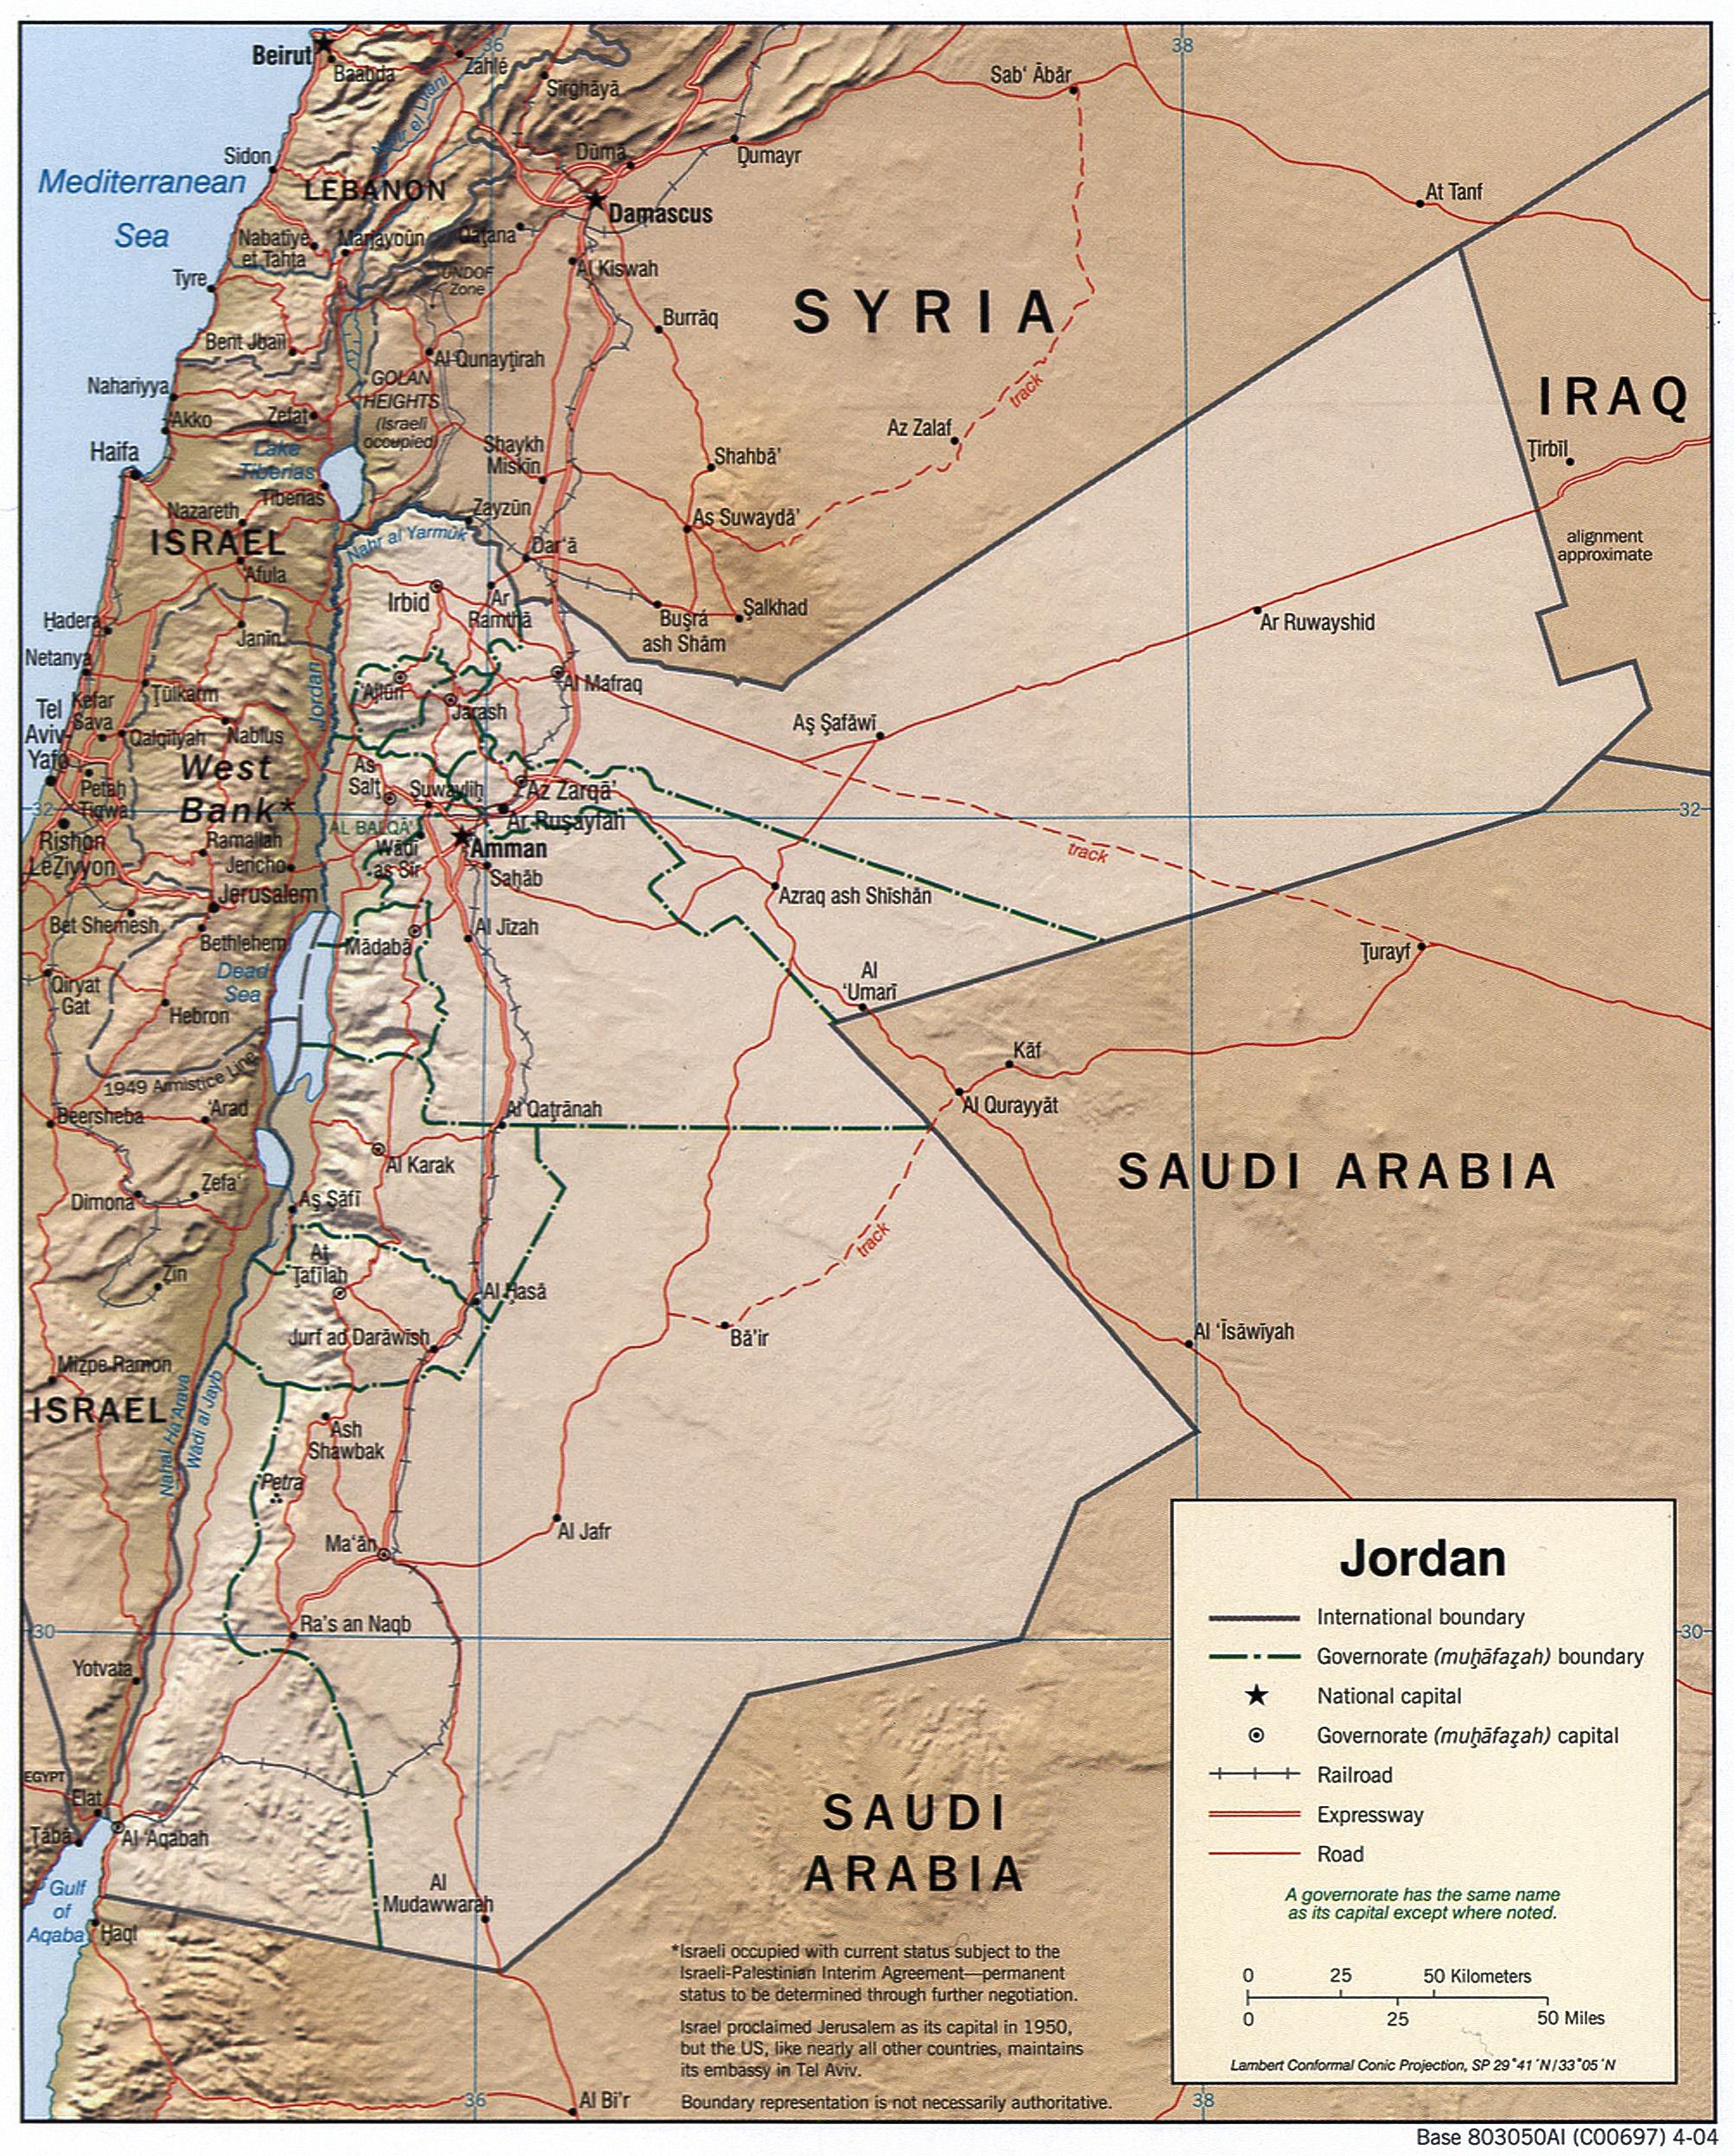 Las miserias reales en Jordania Por Thierry Meyssan | Red Voltaire